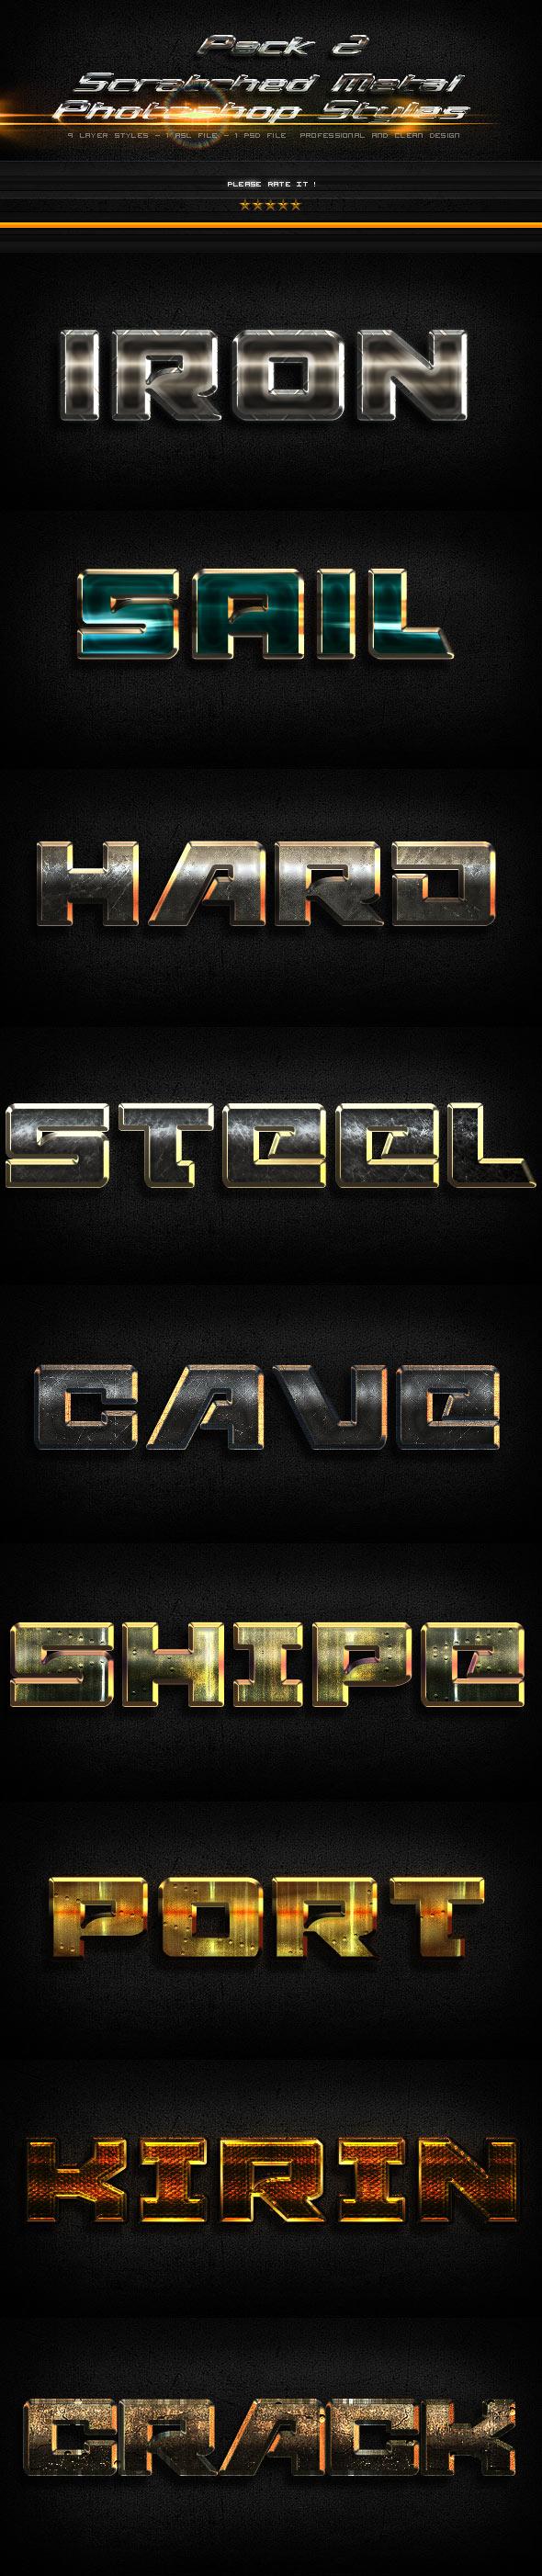 艺术金属纹理效果ps字体样式